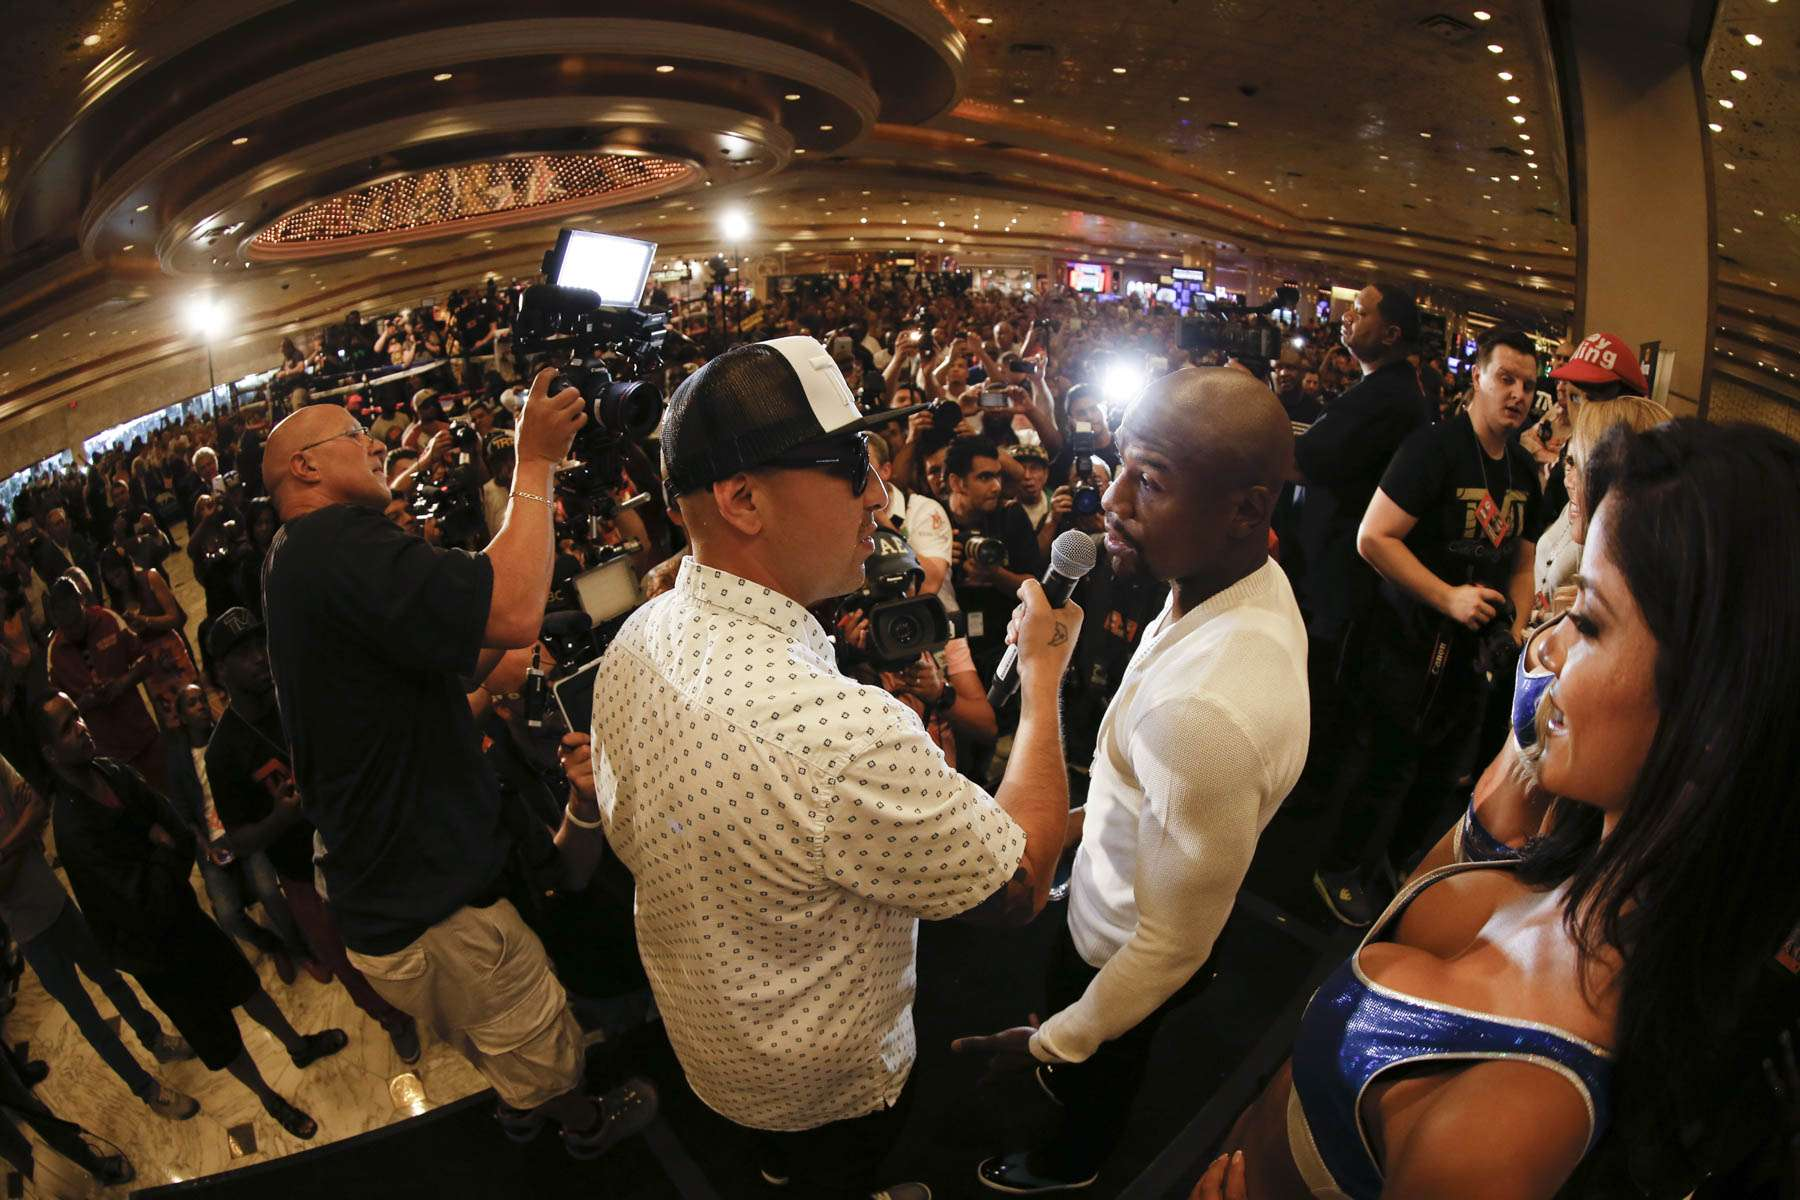 Floyd Mayweather Jr. y Marcos Maidana llegaron el 9 de septiembre al MGM Grand en Las Vegas, rumbo a su combate de revancha del 13 de septiembre. Foto: Esther Lin/SHOWTIME